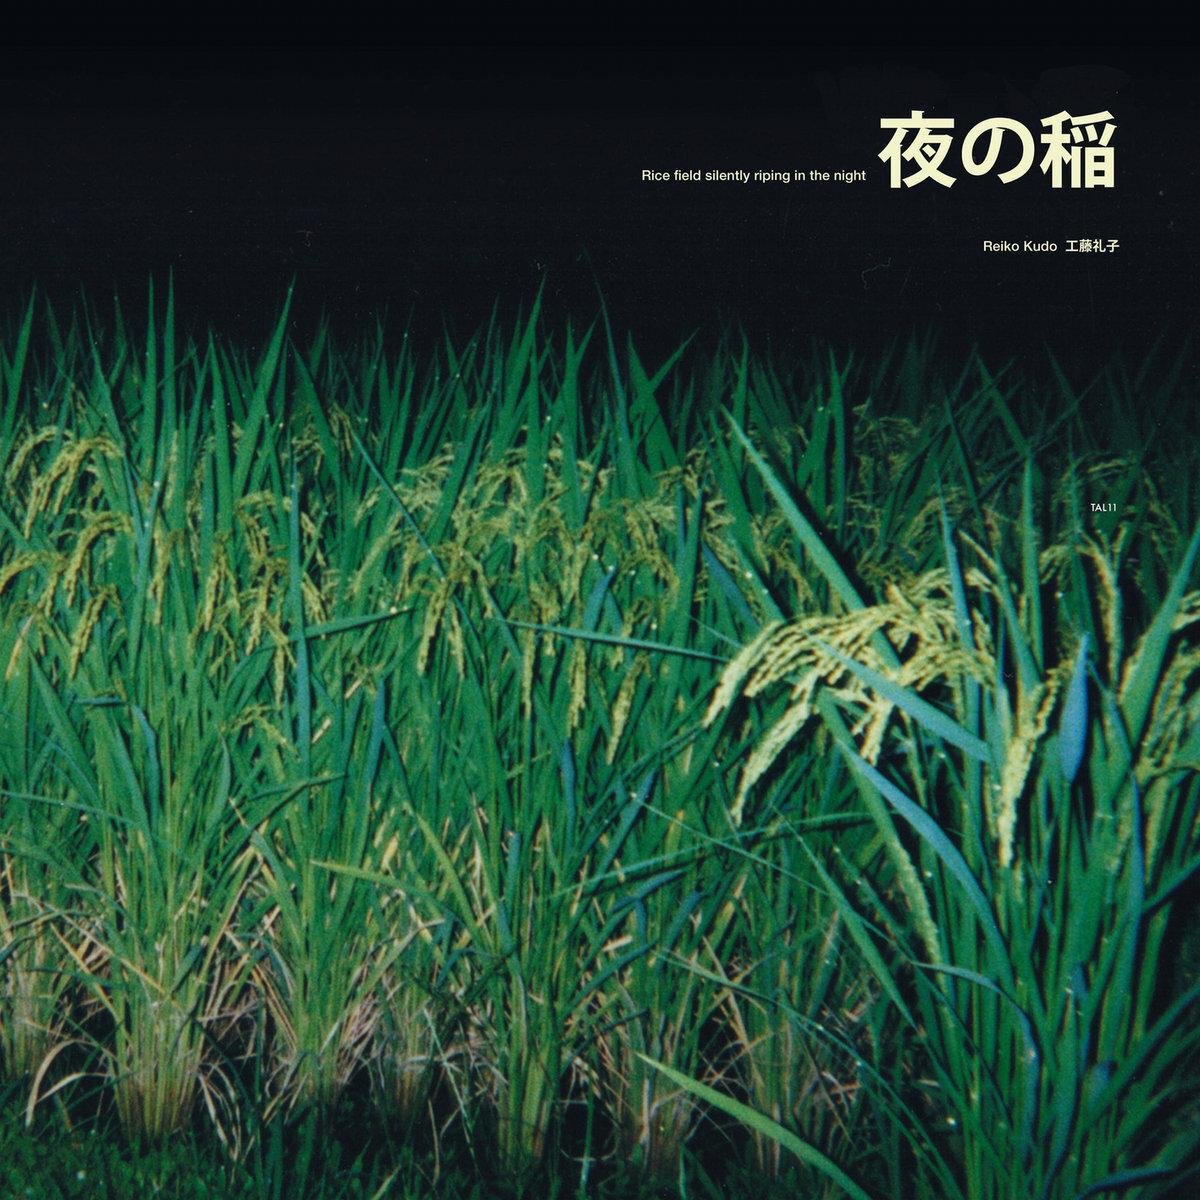 工藤礼子 Reiko Kudo - 夜の稲 Rice Field Silently Riping In The Night  (LP)